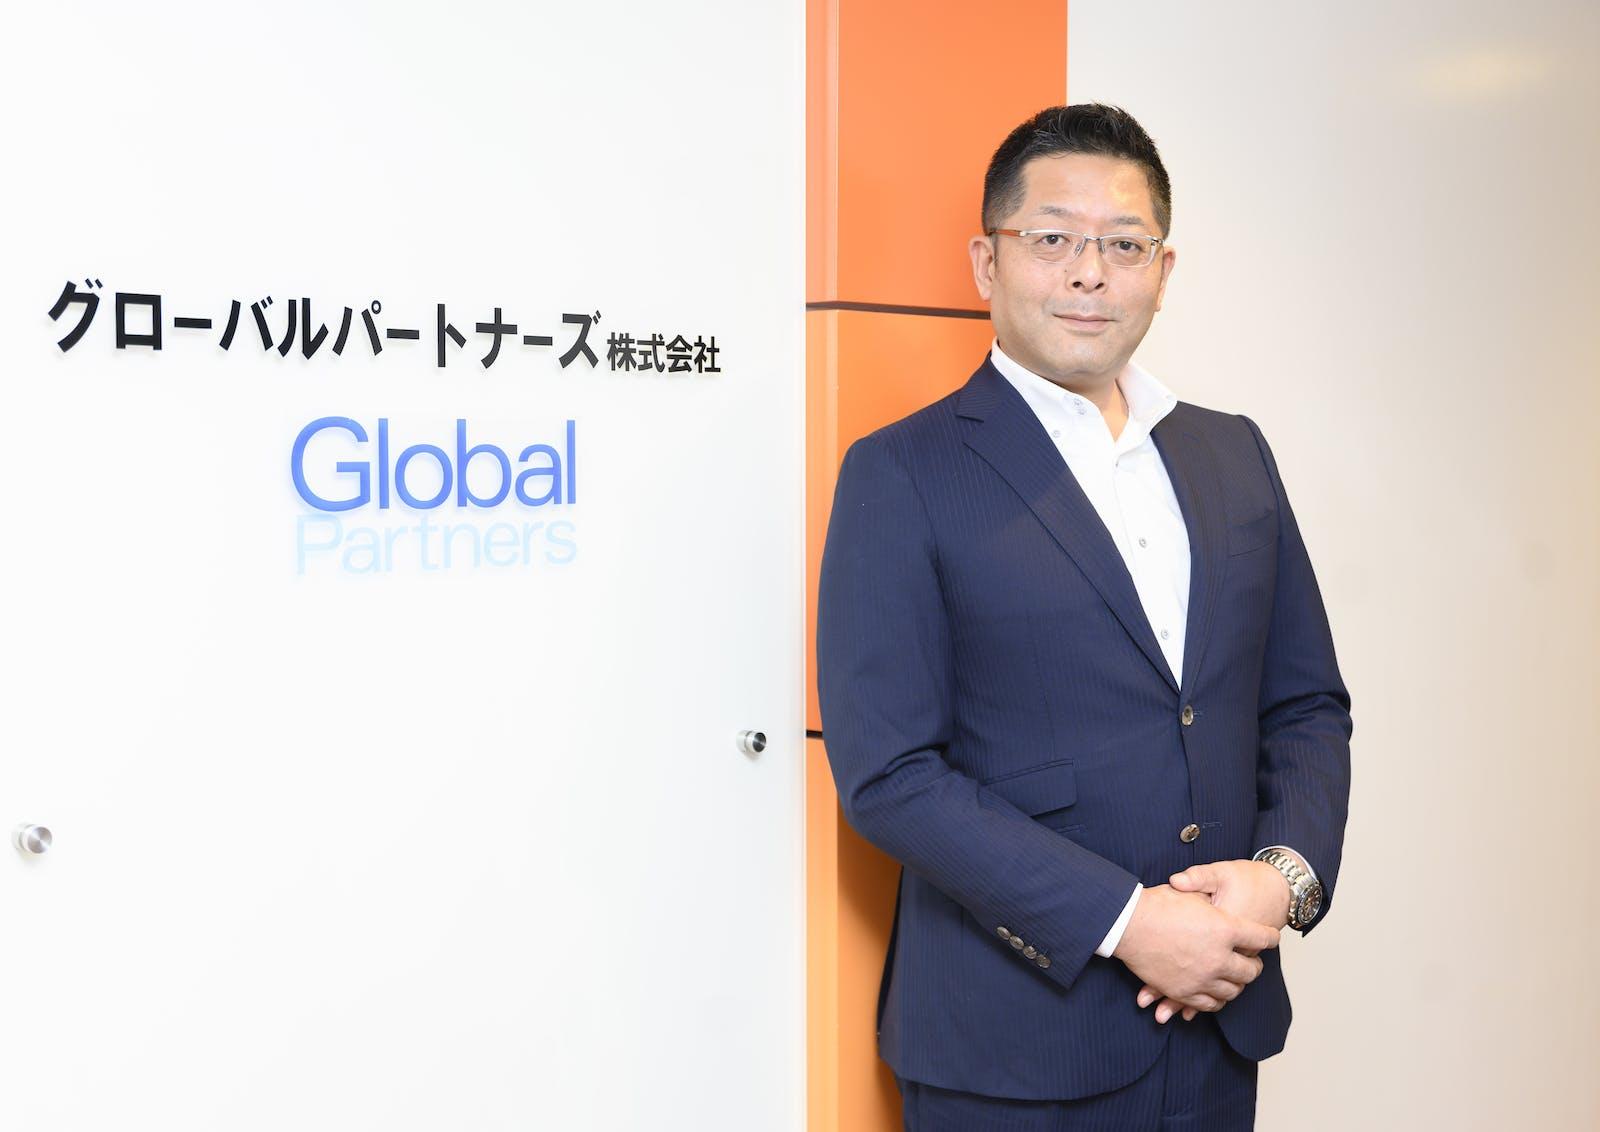 グローバルパートナーズ株式会社のアイキャッチ画像